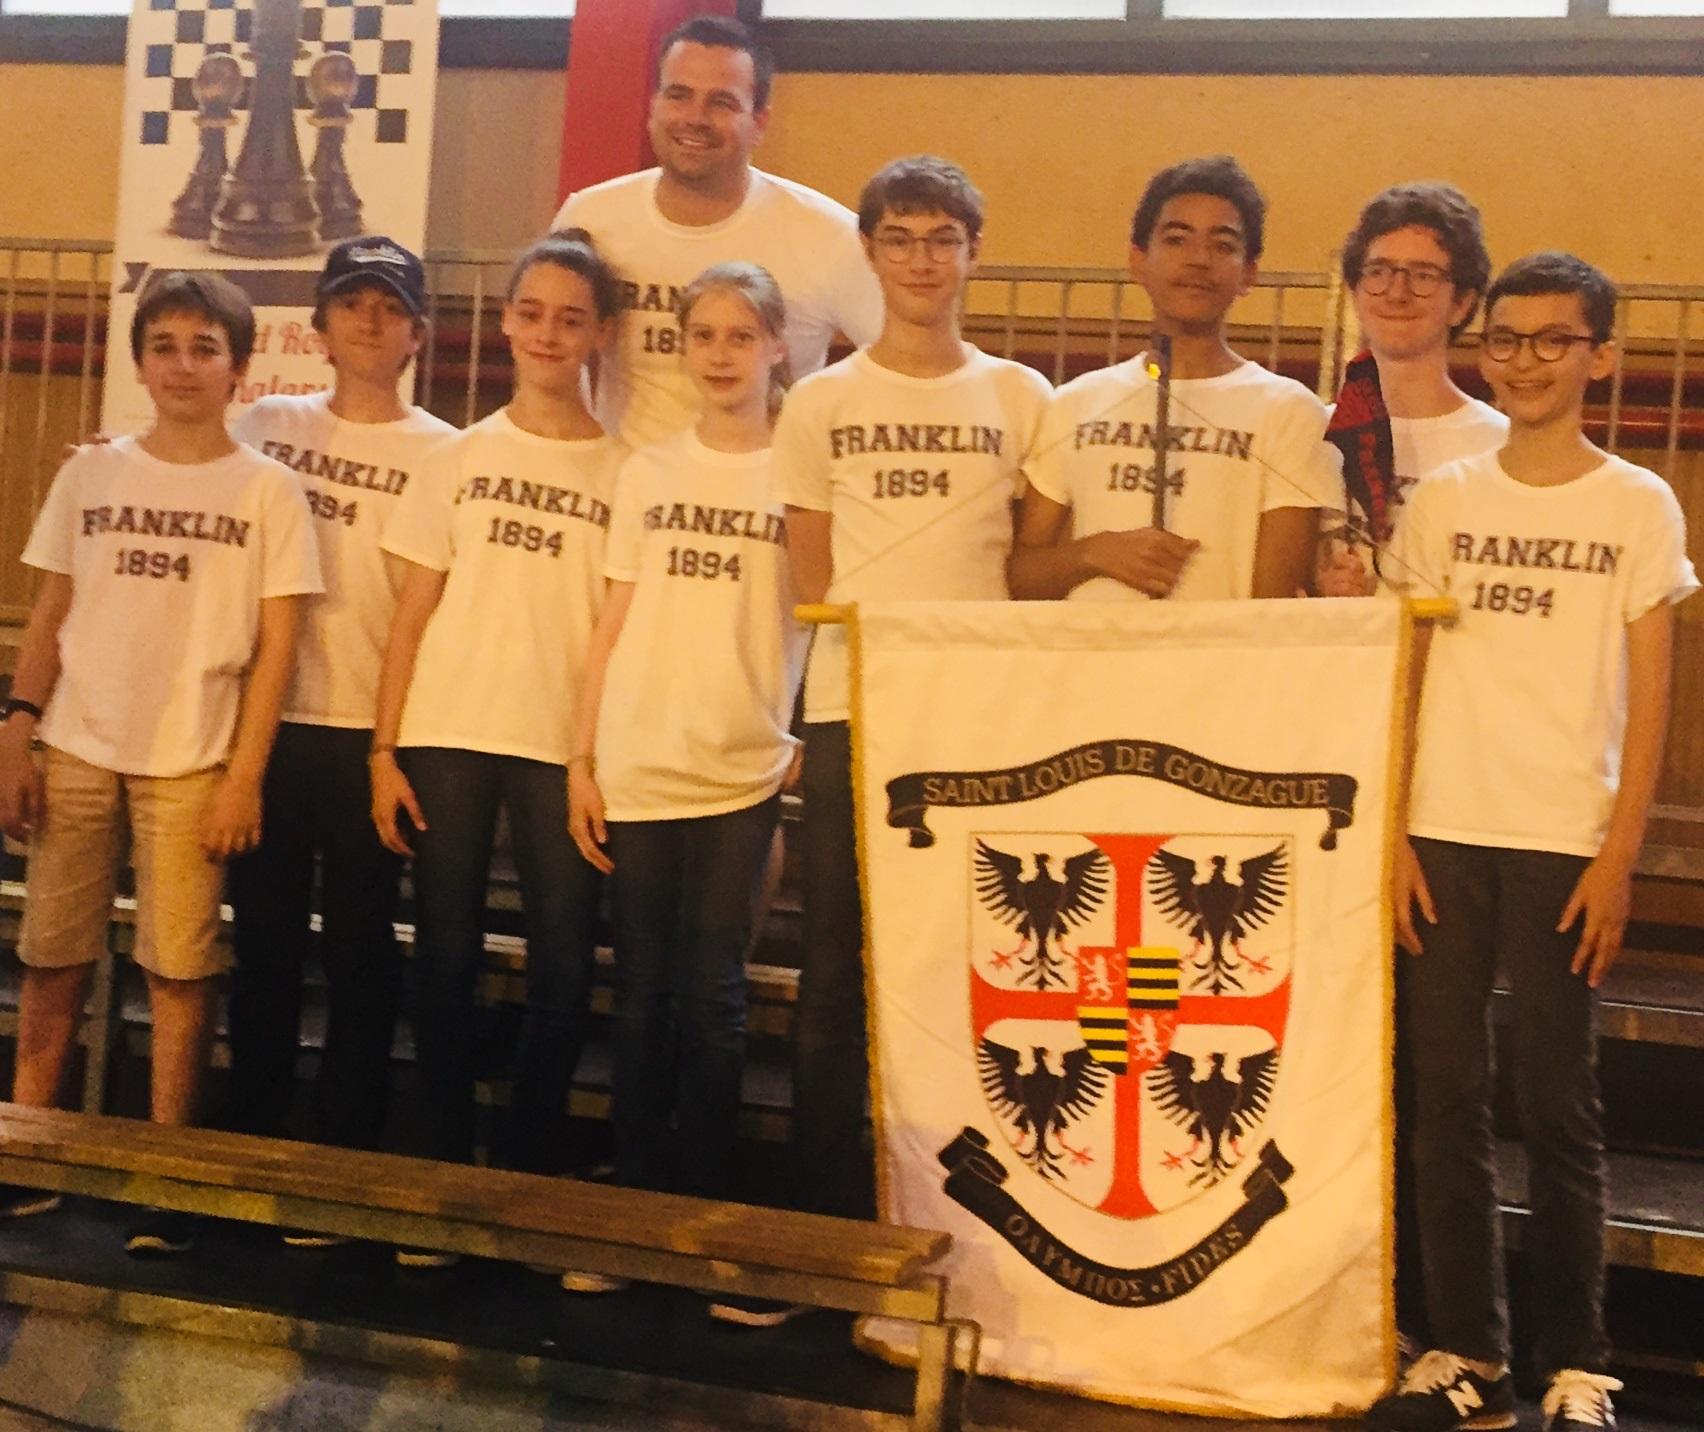 Championnat de France des collèges, Franklin sur le podium !